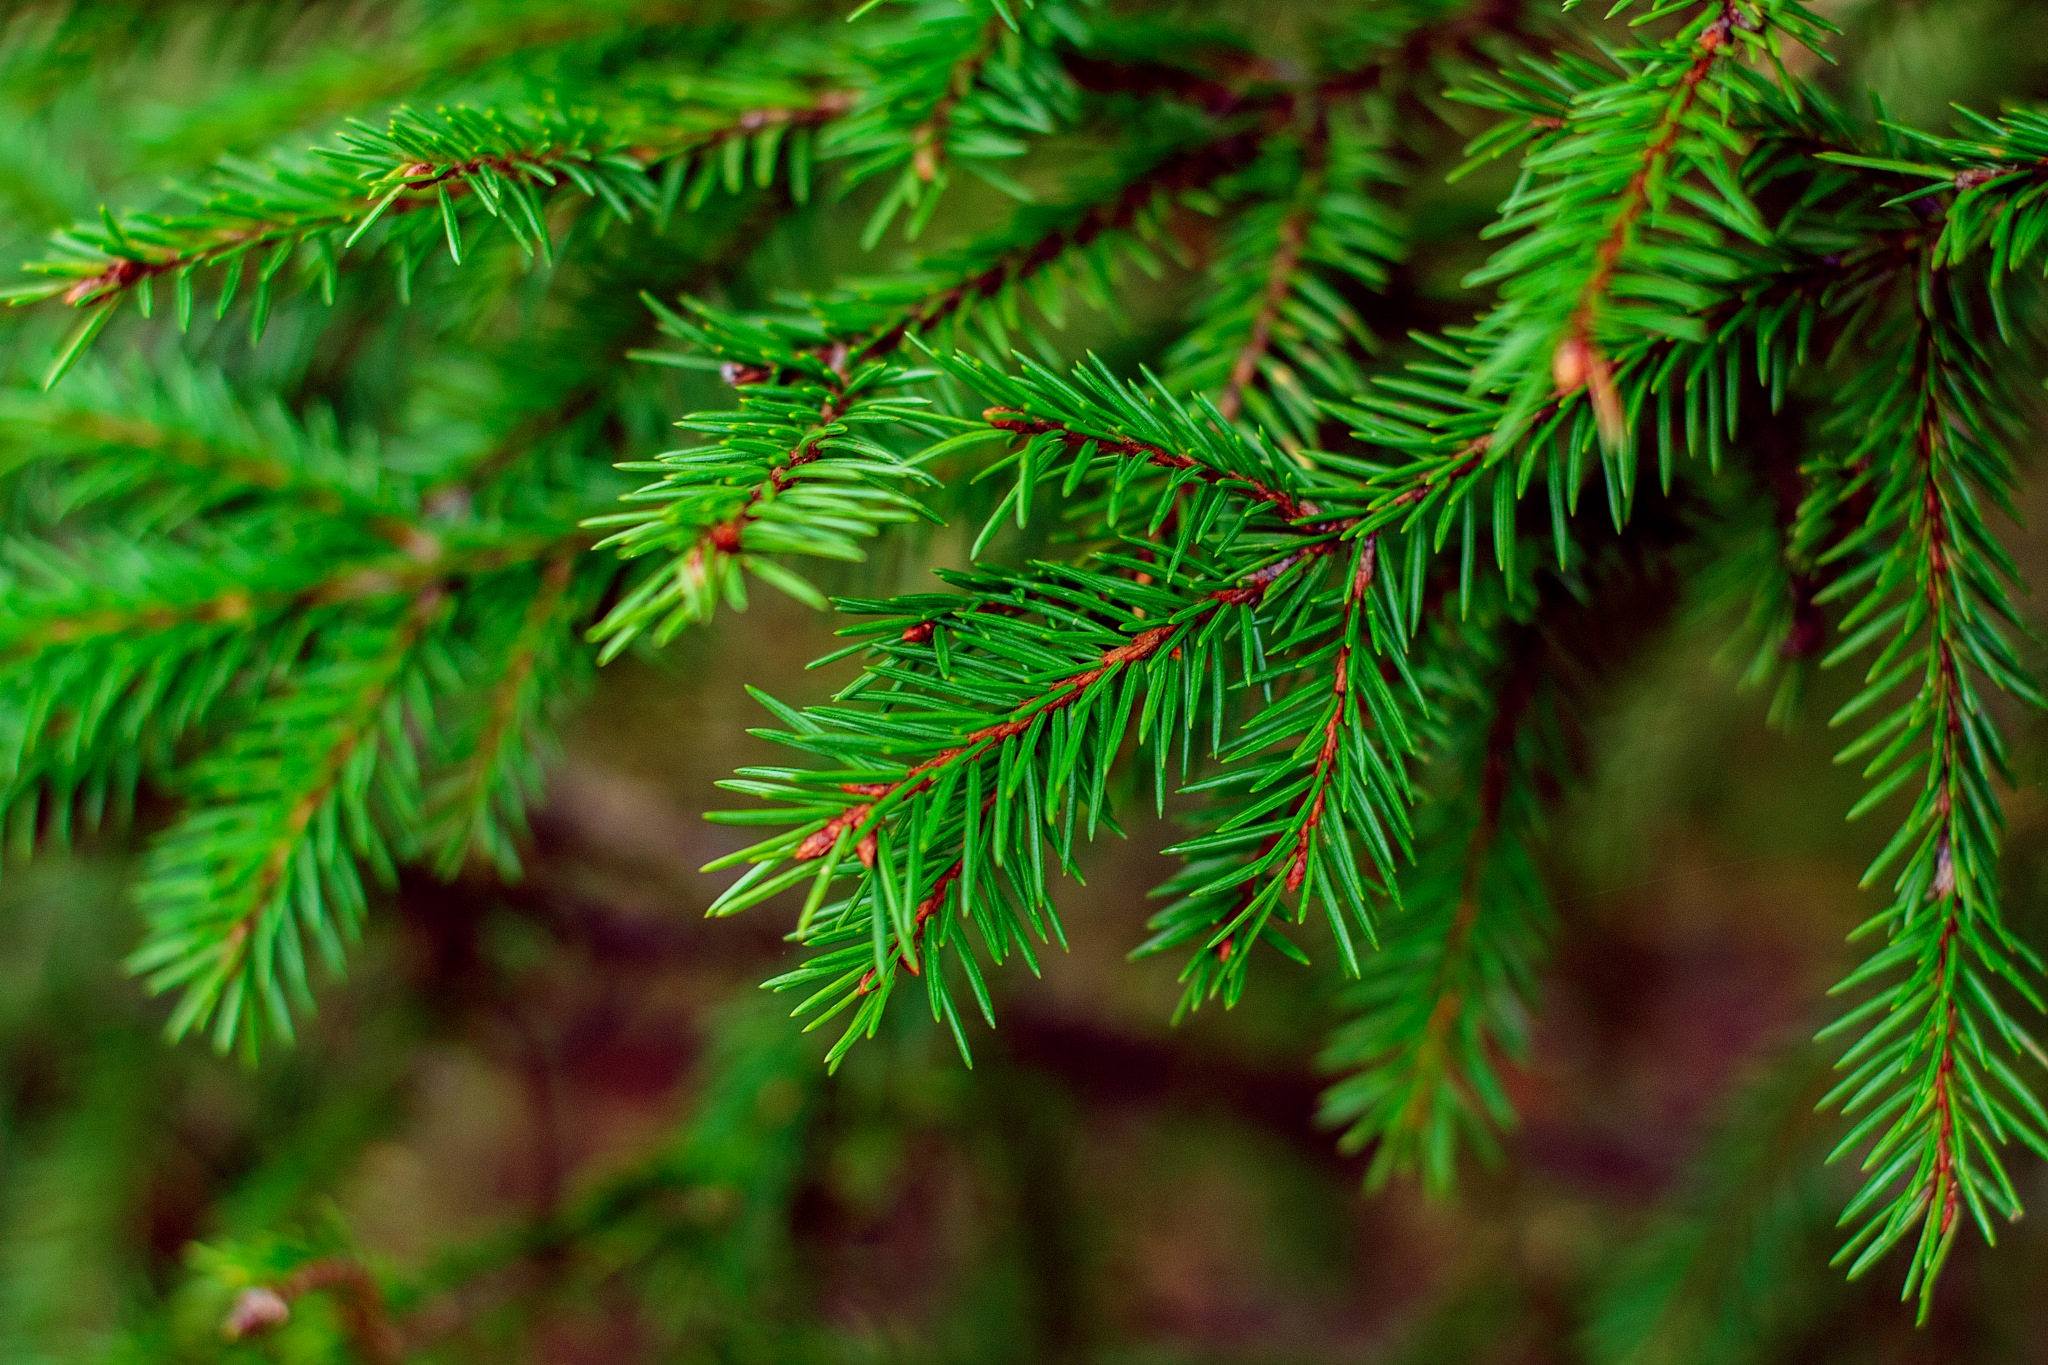 Spruce by Anastasiya Tarasova